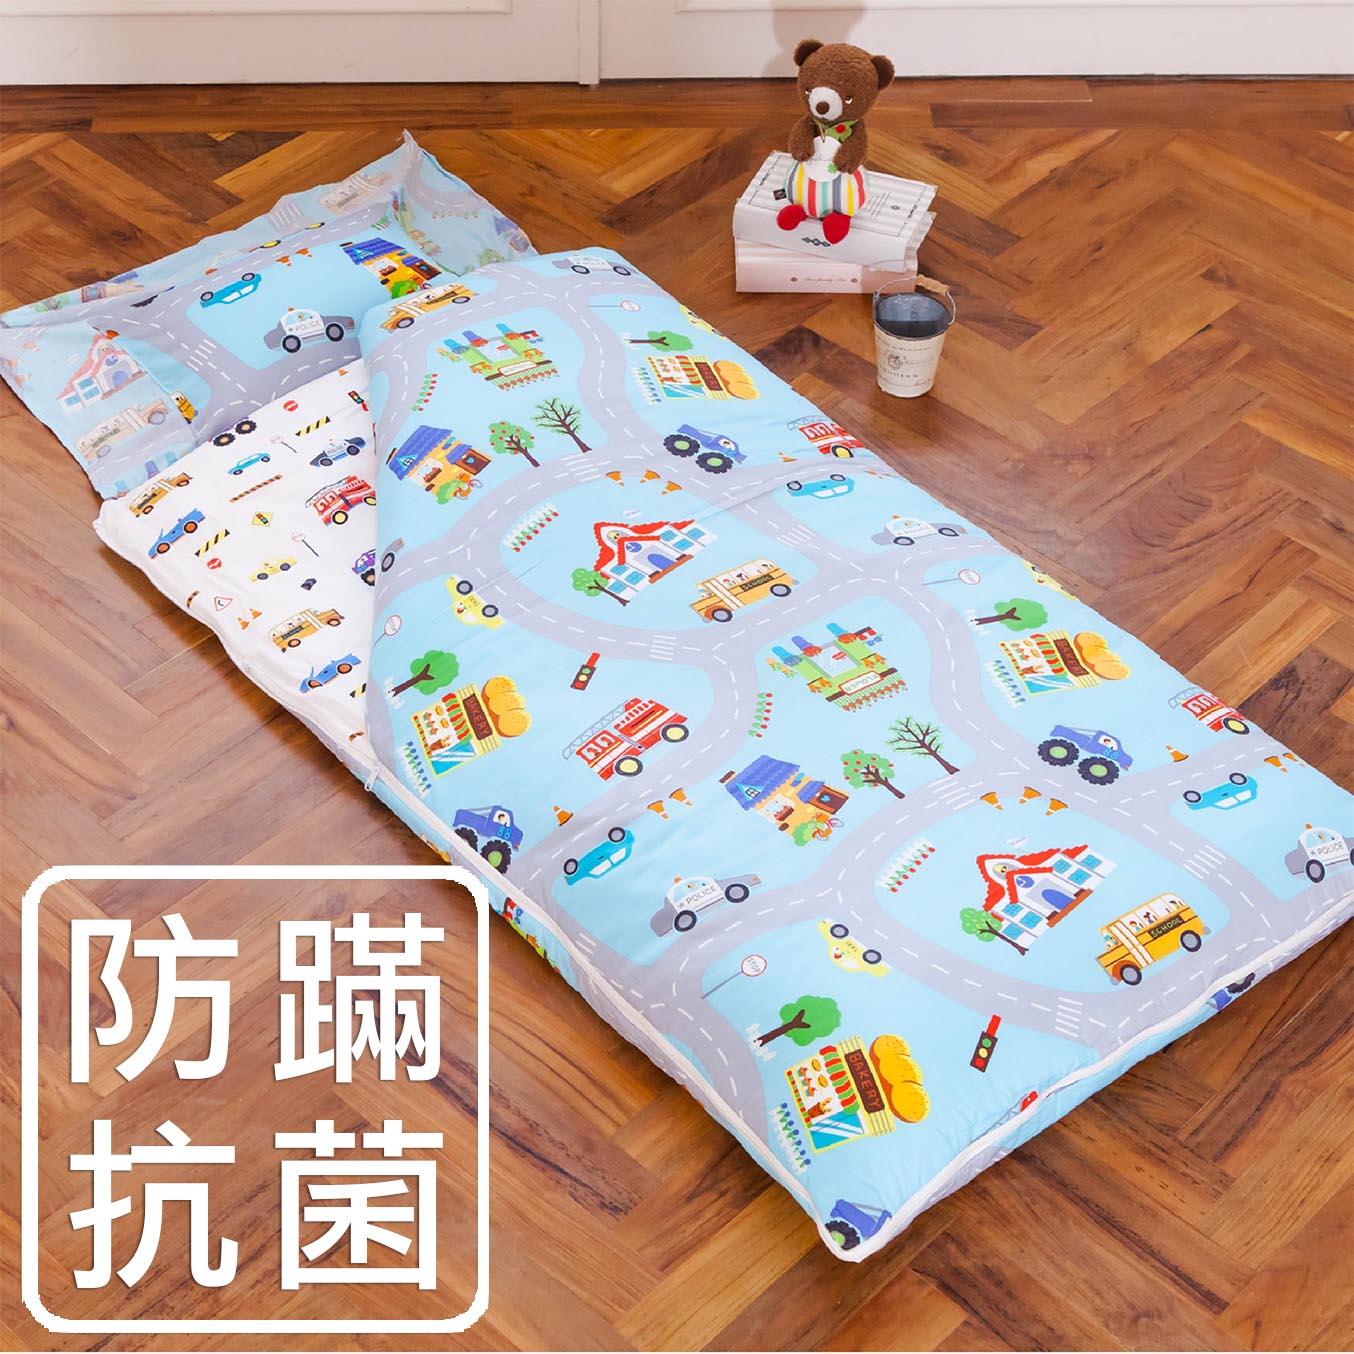 兒童睡袋  防蹣鋪棉睡袋  美國棉  精梳棉  防蹣抗菌鋪棉兩用睡袋  製  交通樂園17